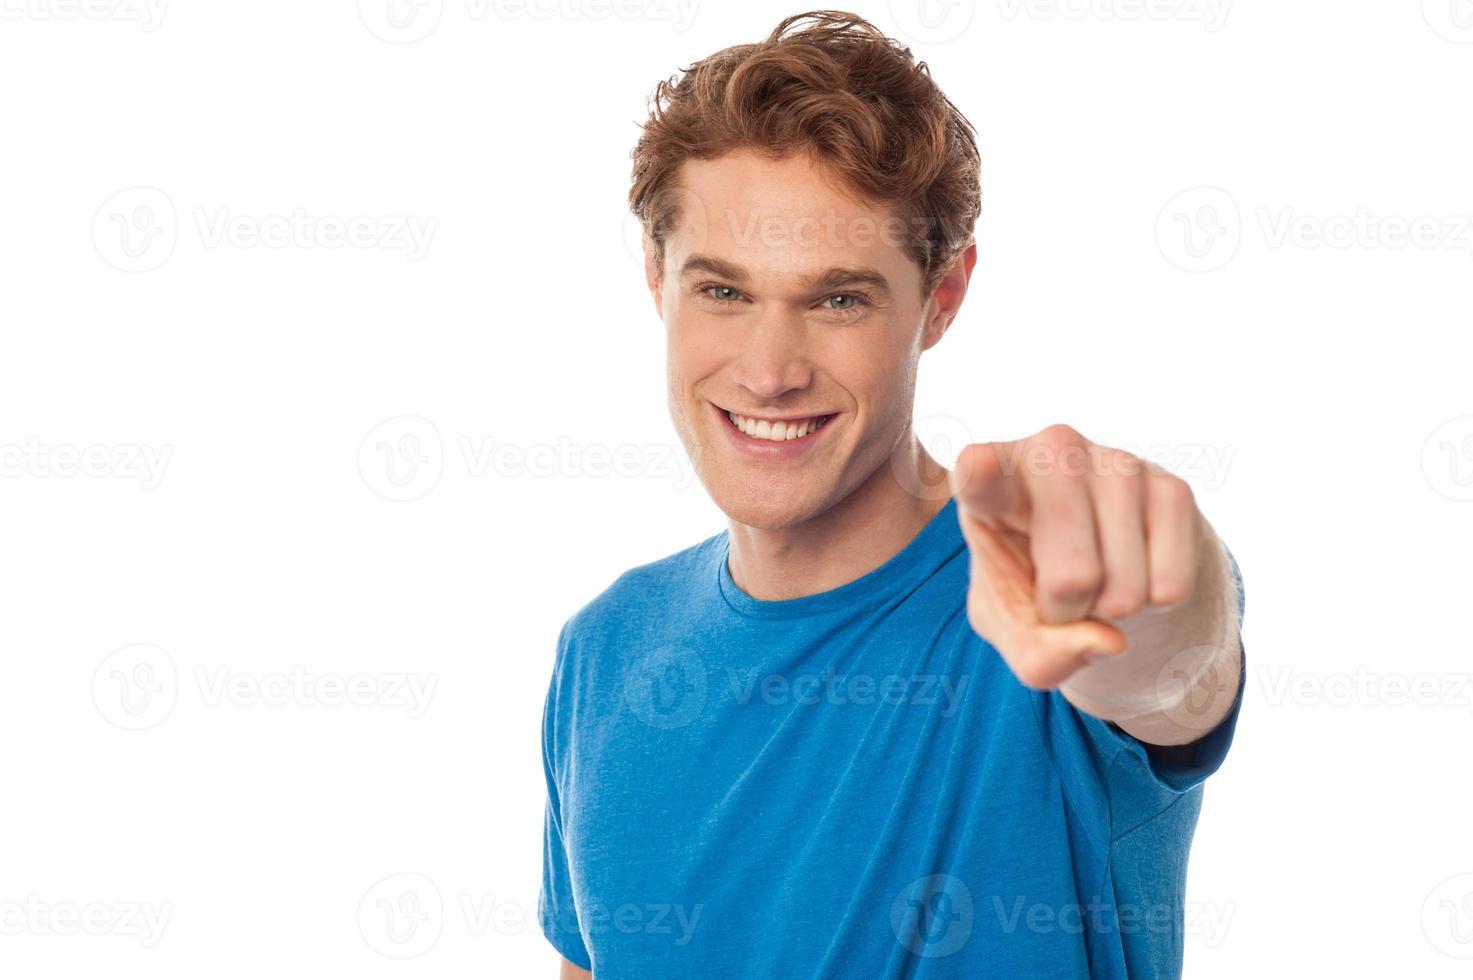 homme gai pointant vers la caméra photo